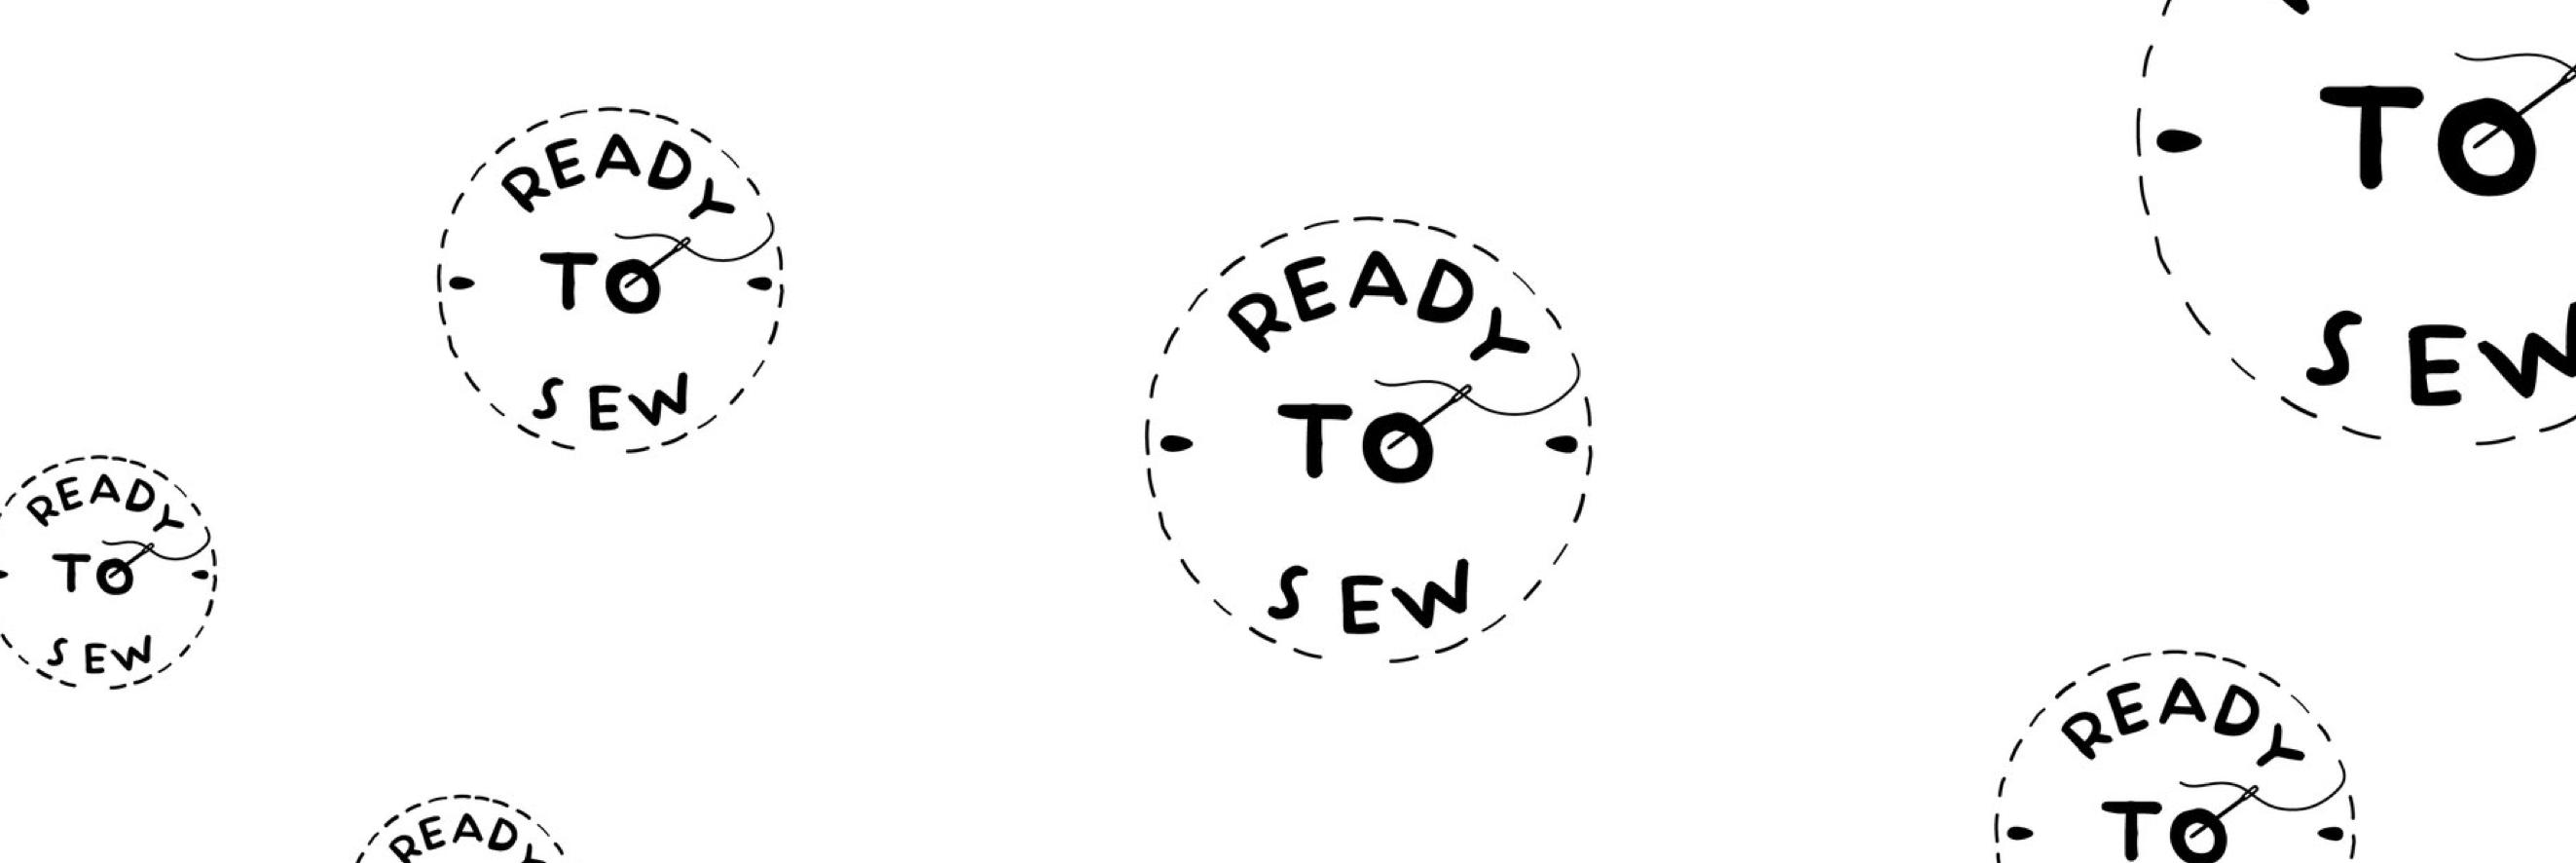 marque de patron de couture ready to sew